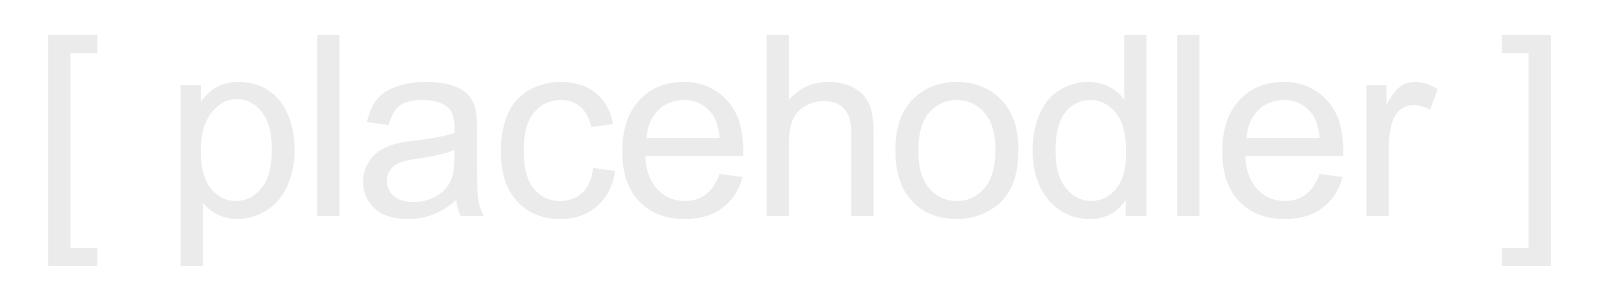 GitHub - ccxt/ccxt: A JavaScript / Python / PHP